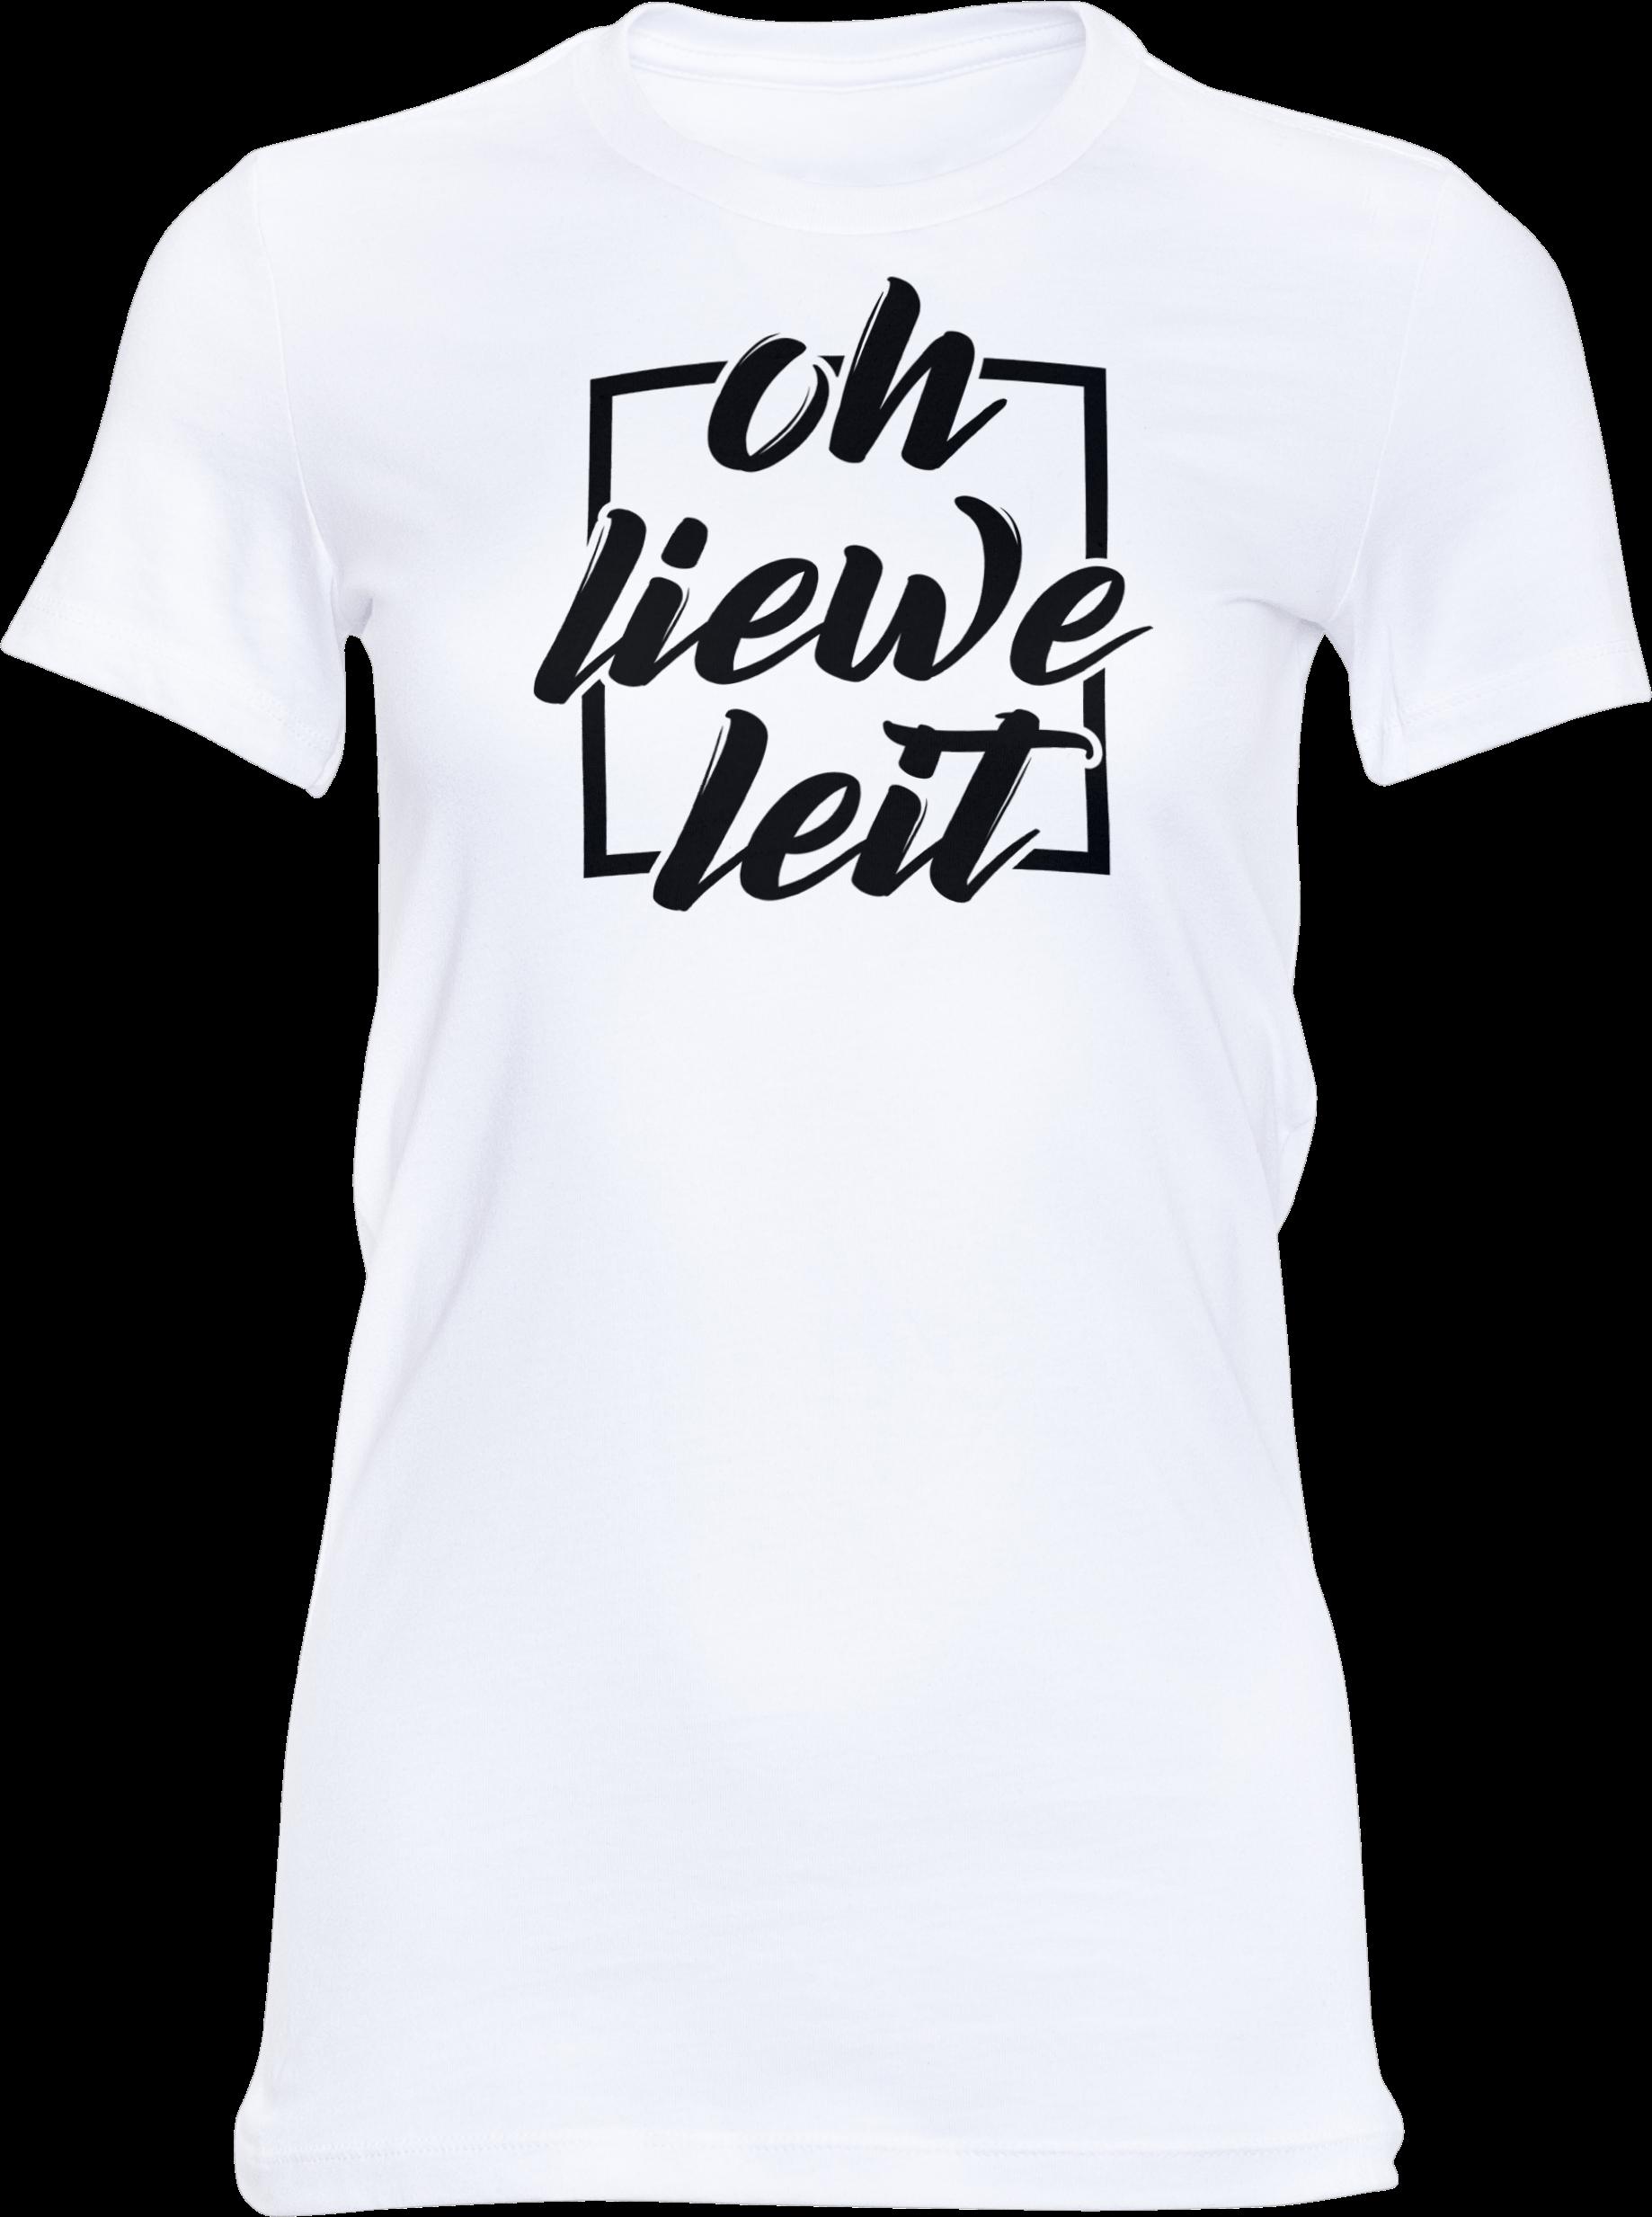 Motiv-Shirt – Oh liewe Leit – Girlie-Shirt (weiß)